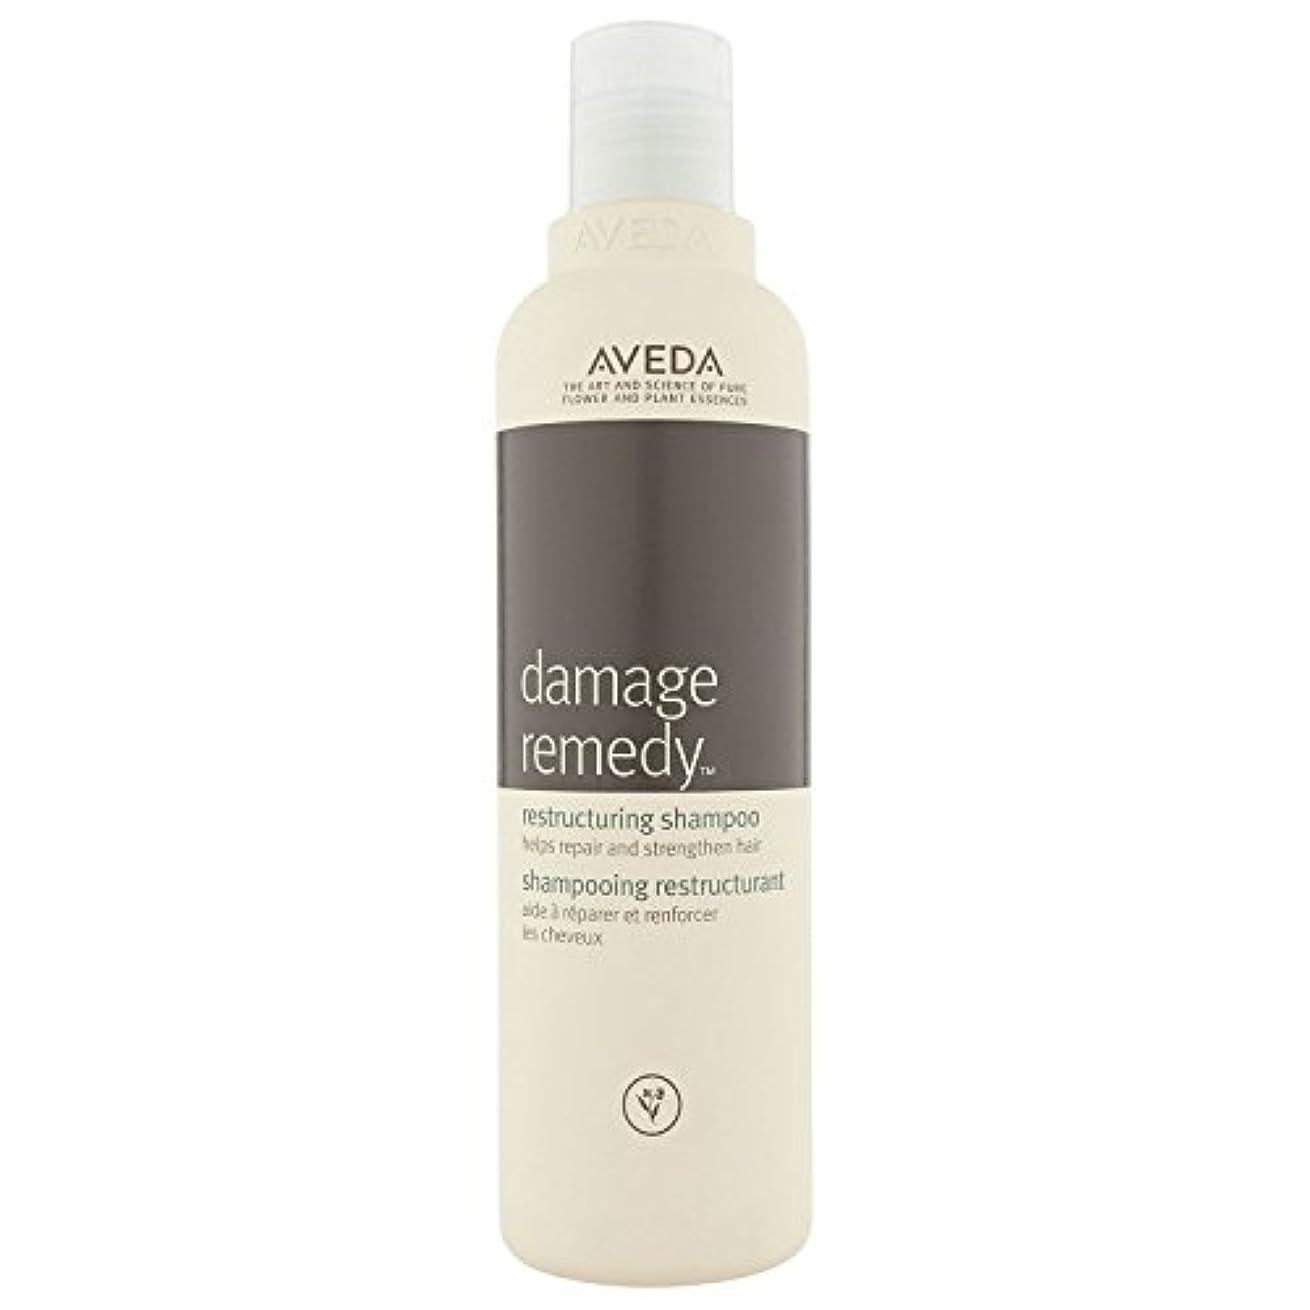 万一に備えてサバント先見の明[AVEDA] アヴェダダメージ救済再編シャンプー250ミリリットル - Aveda Damage Remedy Restructuring Shampoo 250 ml [並行輸入品]